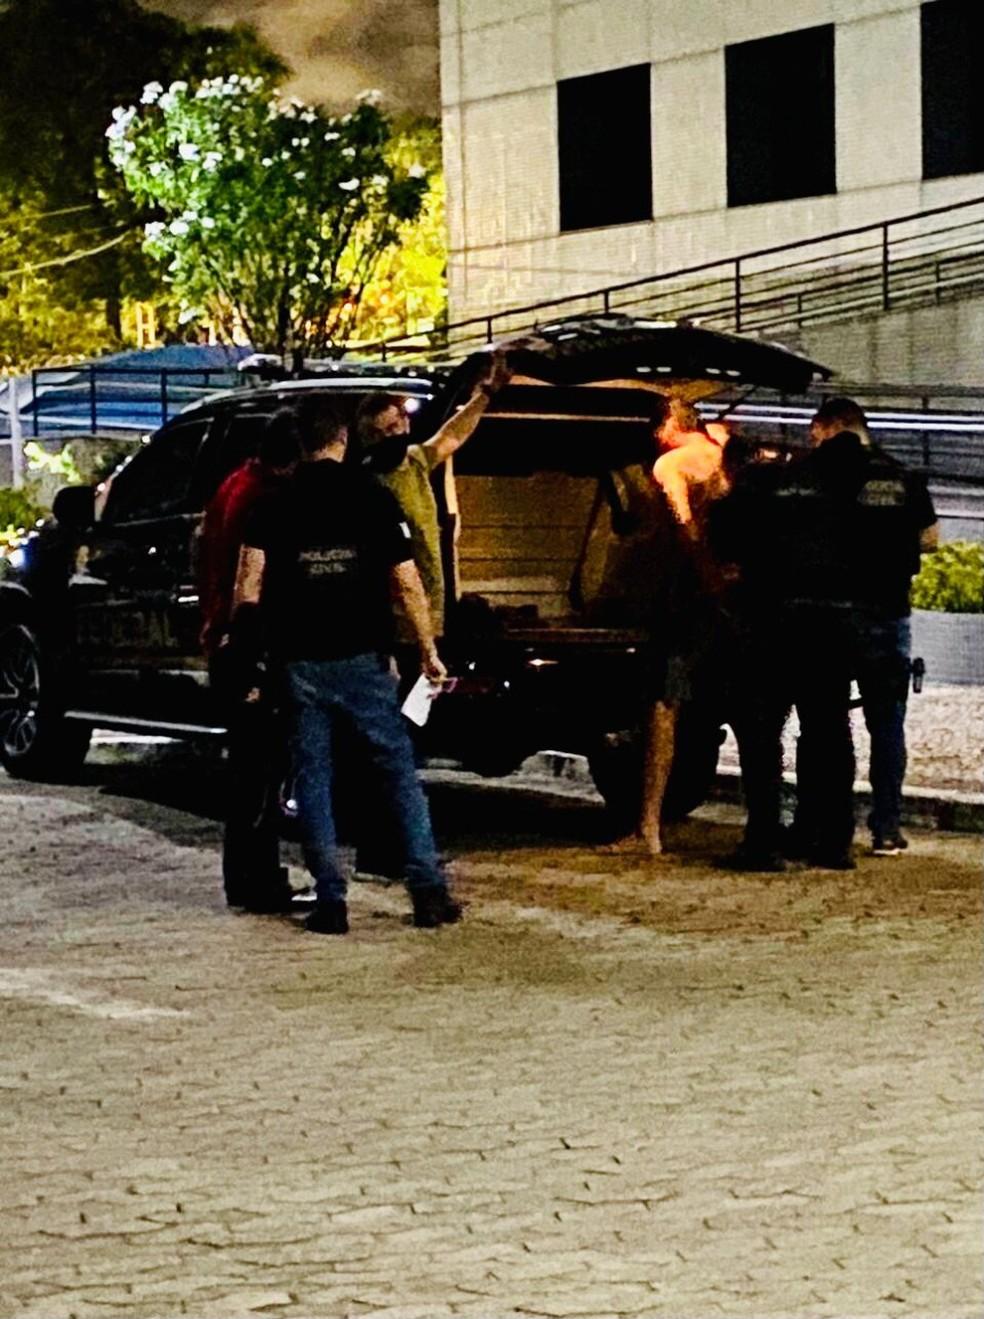 Operação prendeu foragido internacional acusado de abuso sexual contra crianças nos EUA — Foto: Divulgação/Polícia Federal